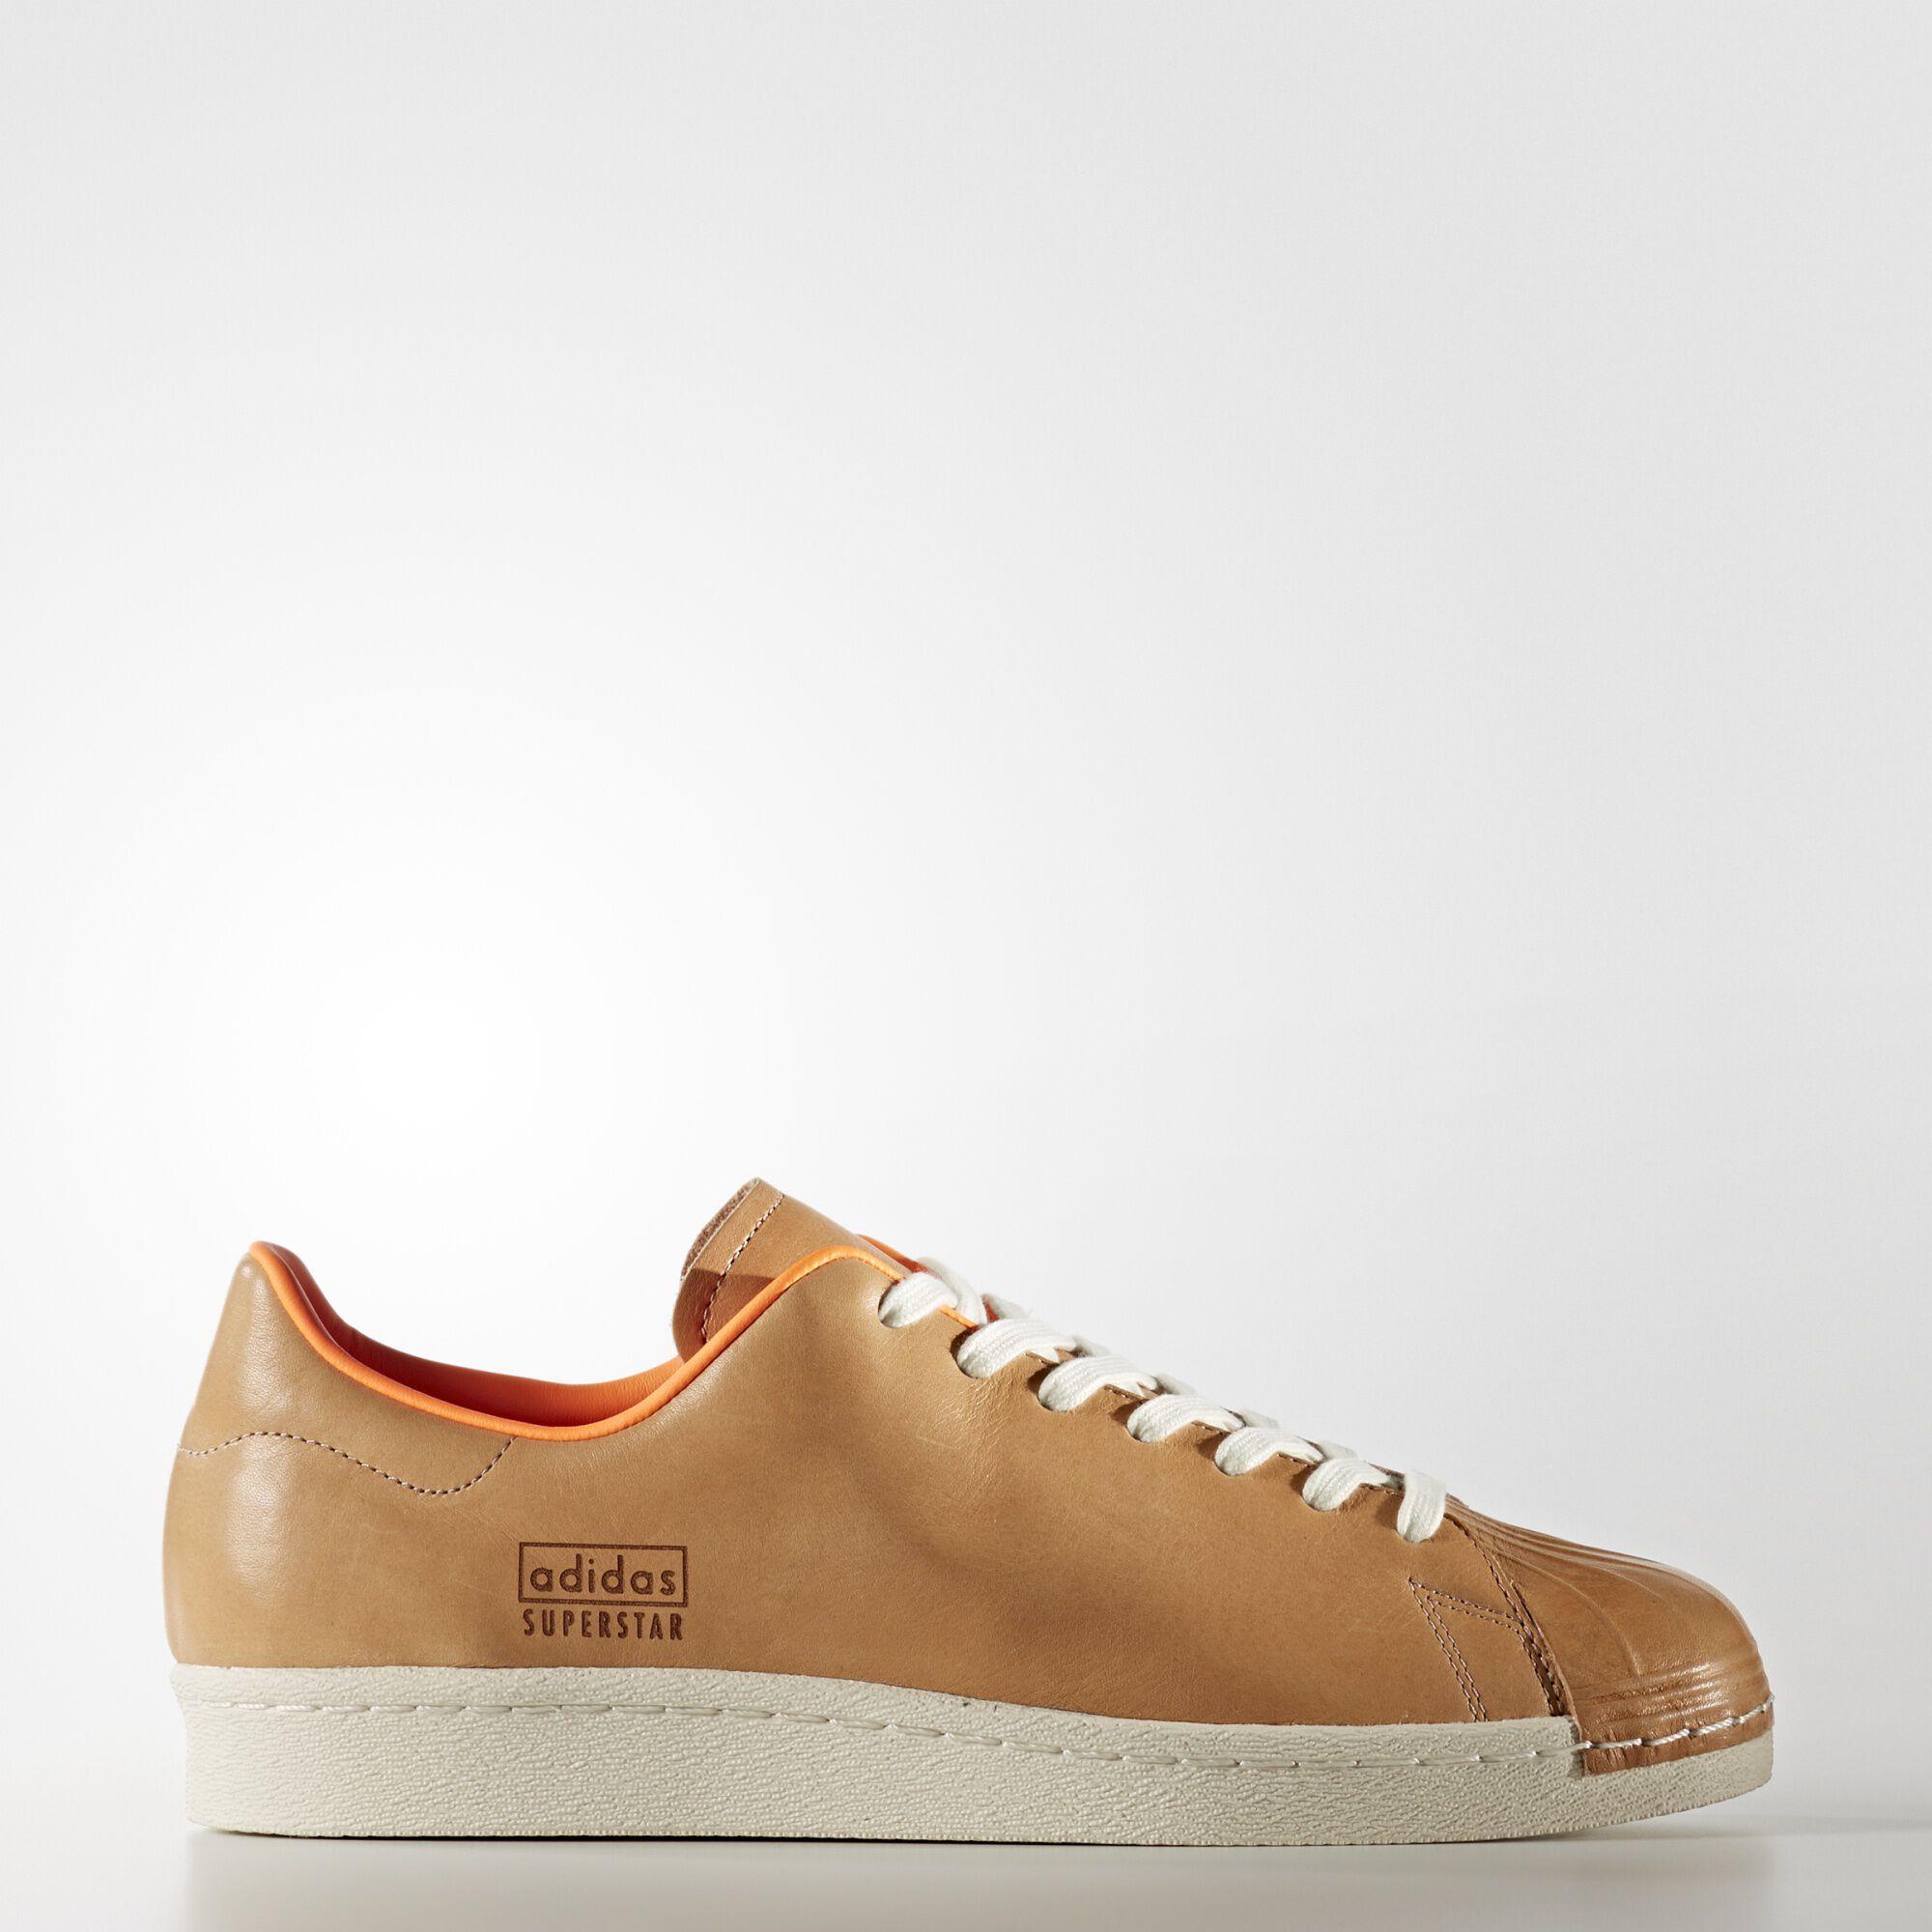 Superstar Edizione Limitata Adidas 80s Trollbeads l1cuT3FKJ